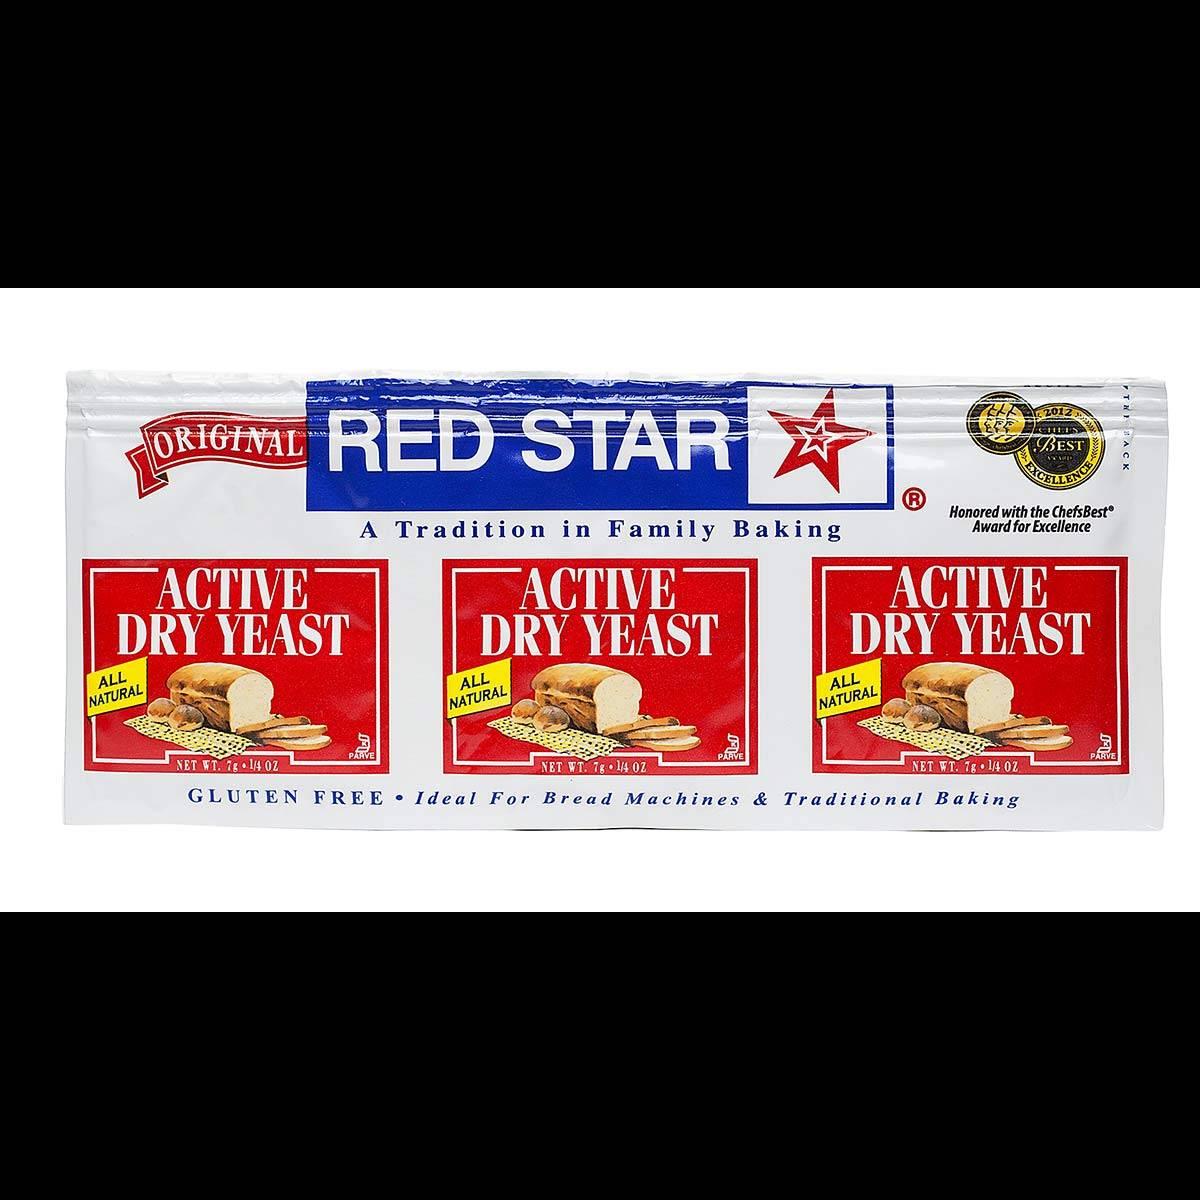 red star yeast logo - photo #37